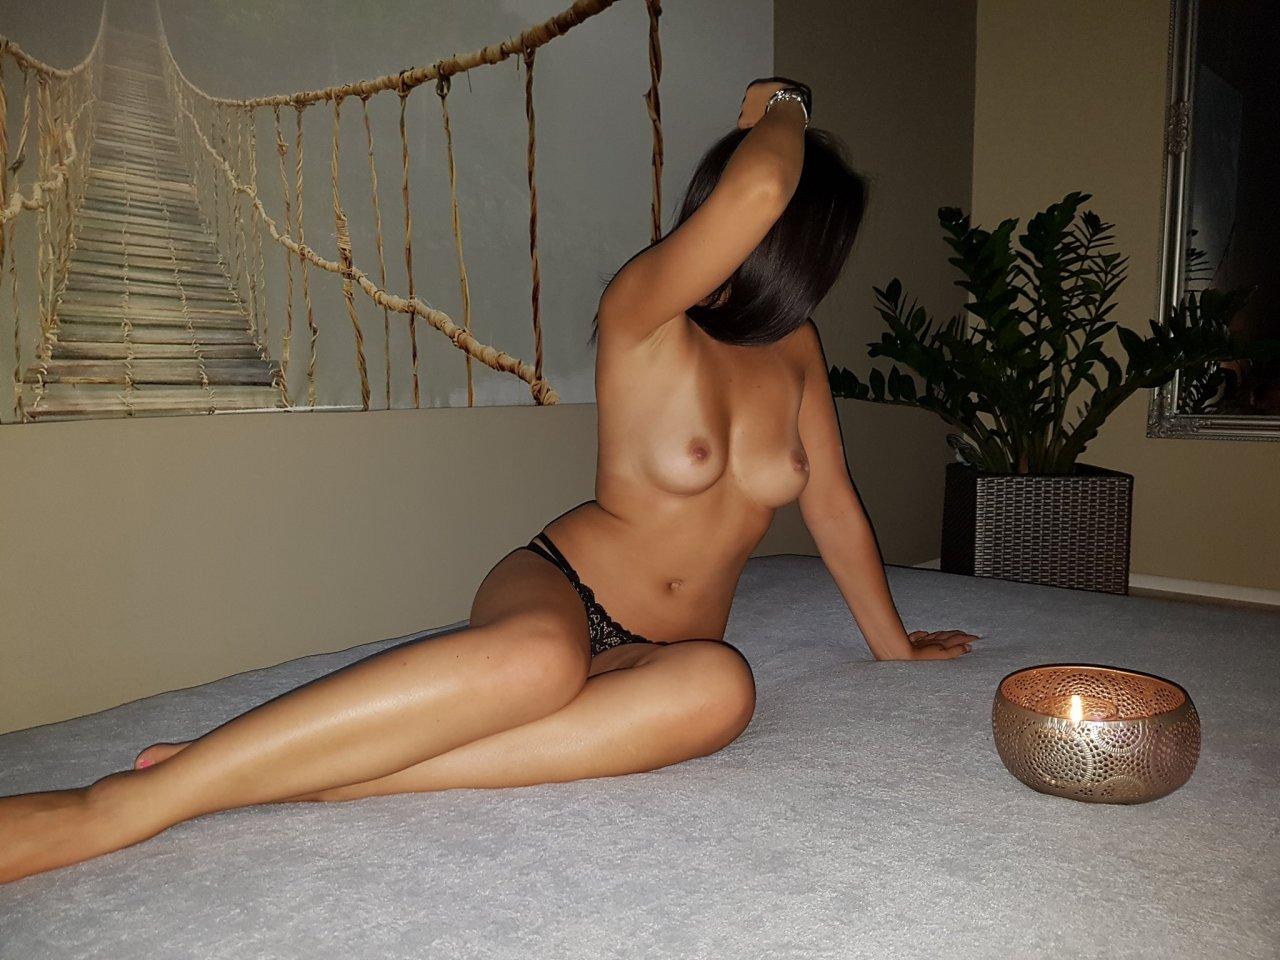 swingers brno erotické služby praha